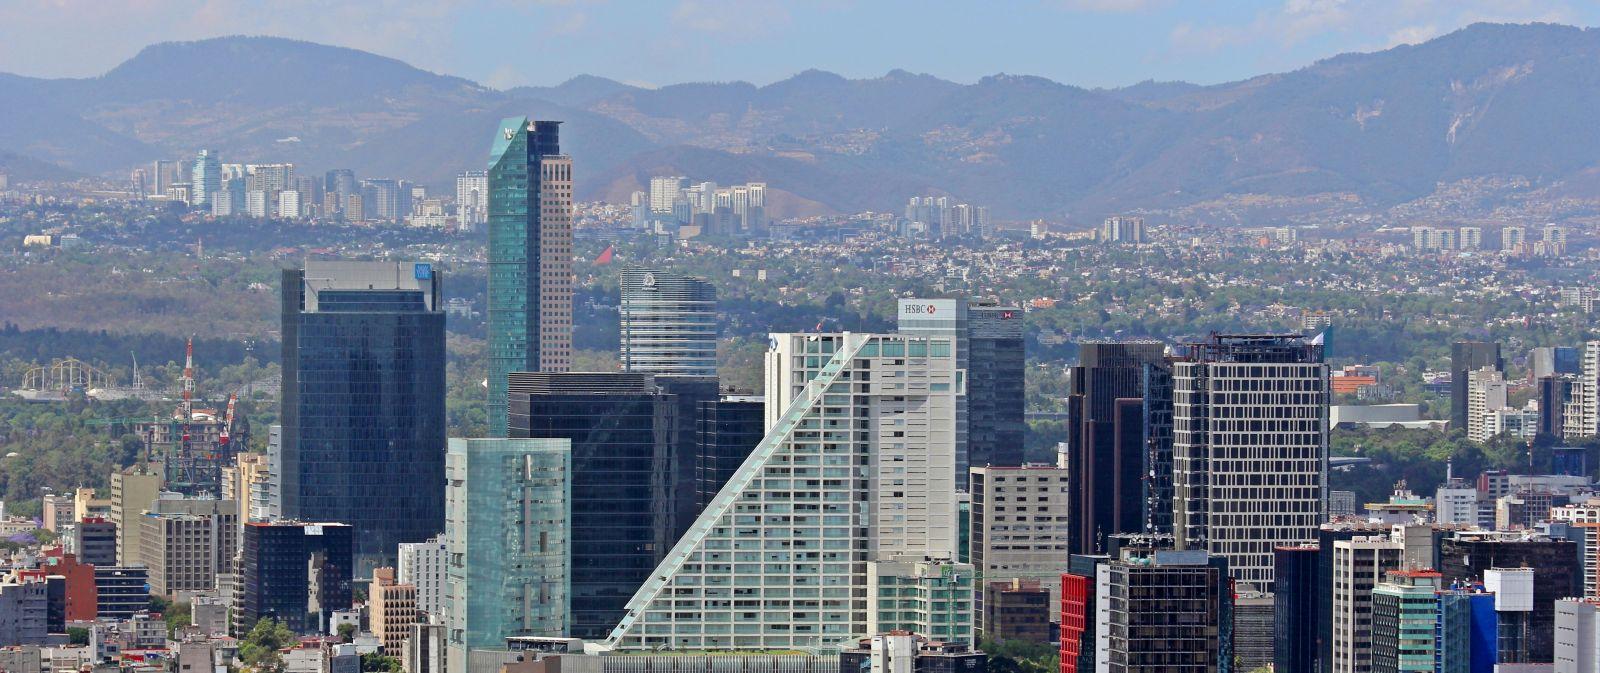 Ciudad_de_Mexico_City_Distrito_Federal_DF_Paseo_Reforma_Skyline